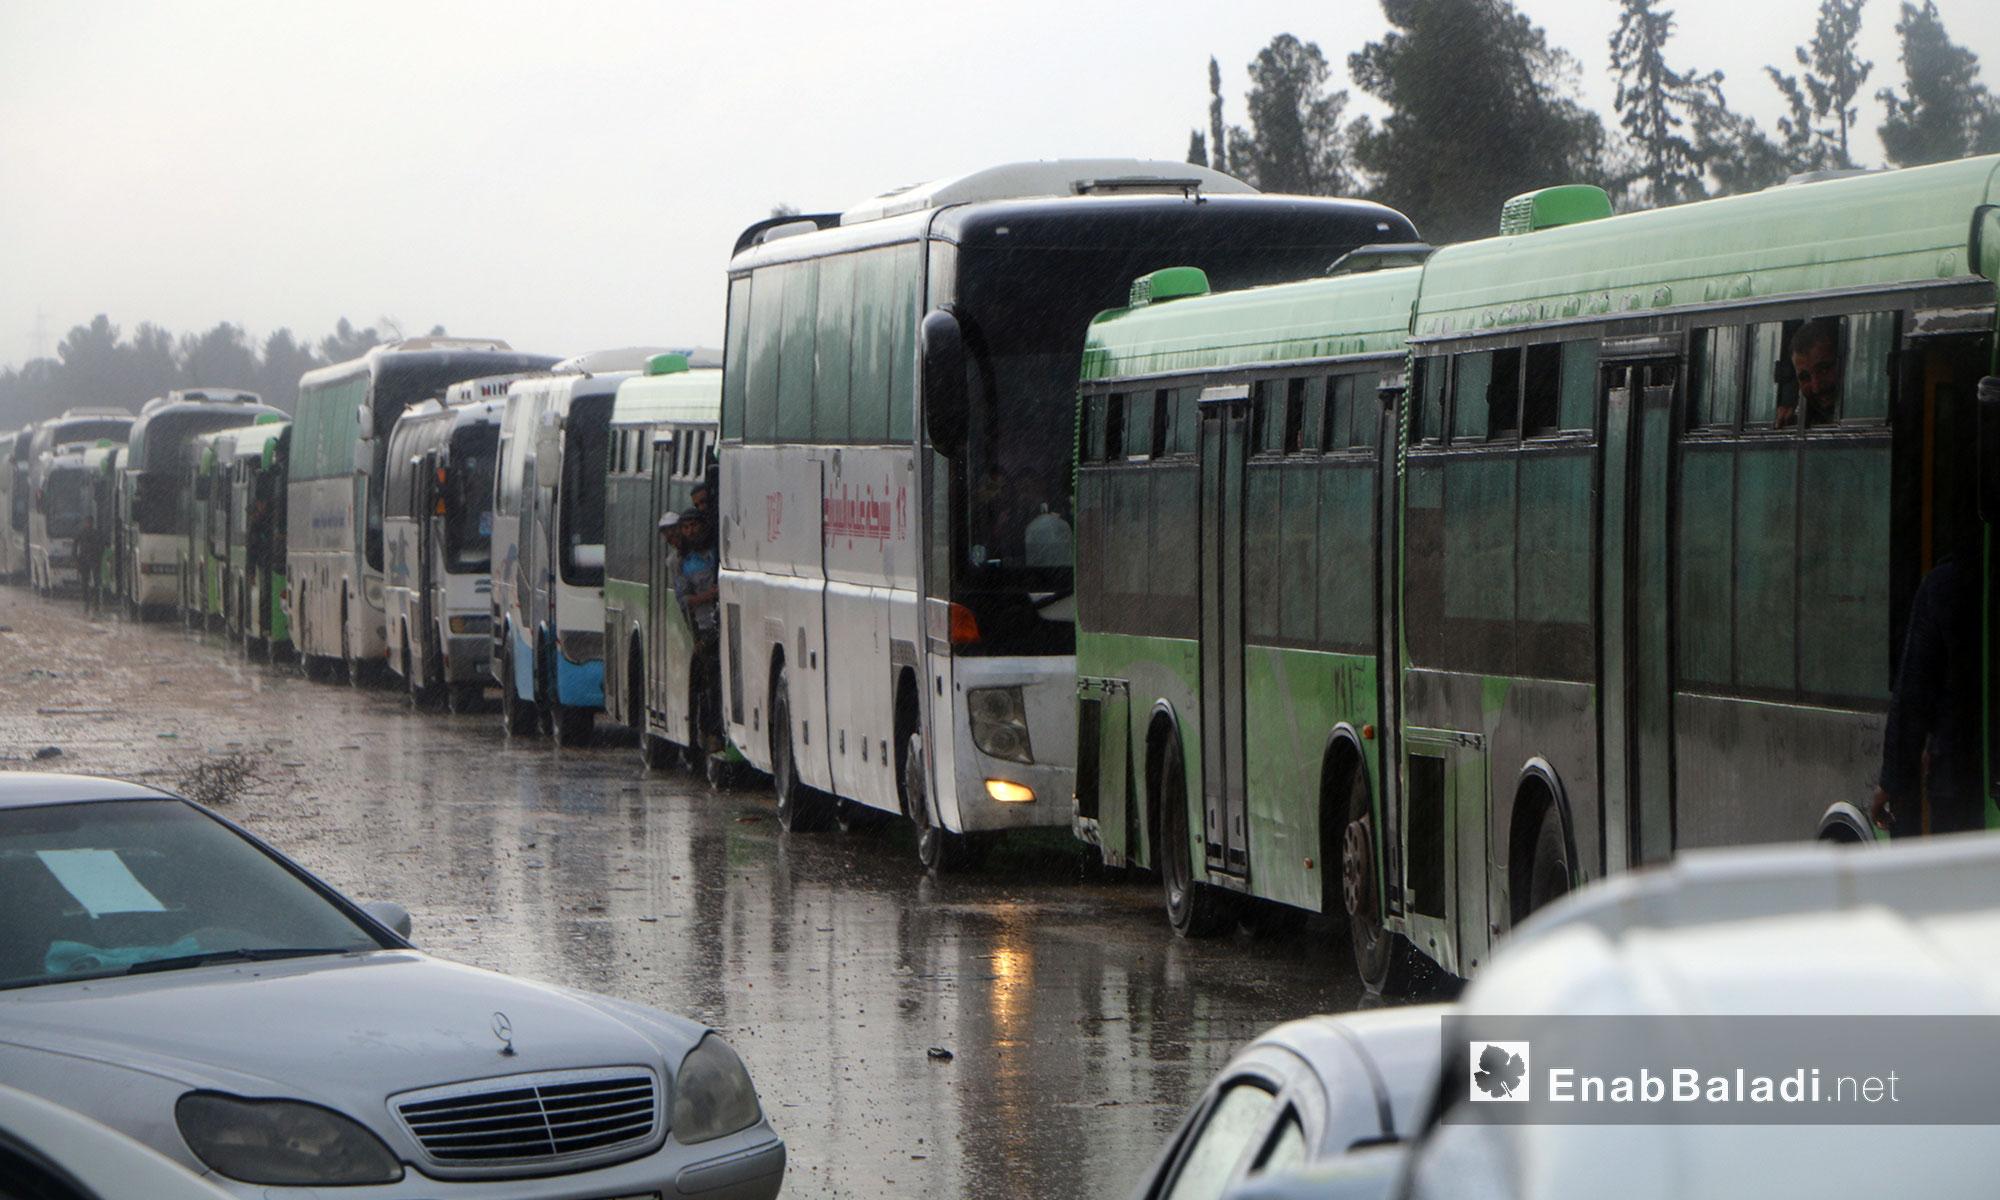 وصول باصات مهجري ريف حمص إلى معبر الزندين في مدينة الباب شرقي حلب - 9 أيار 2018 (عنب بلدي)